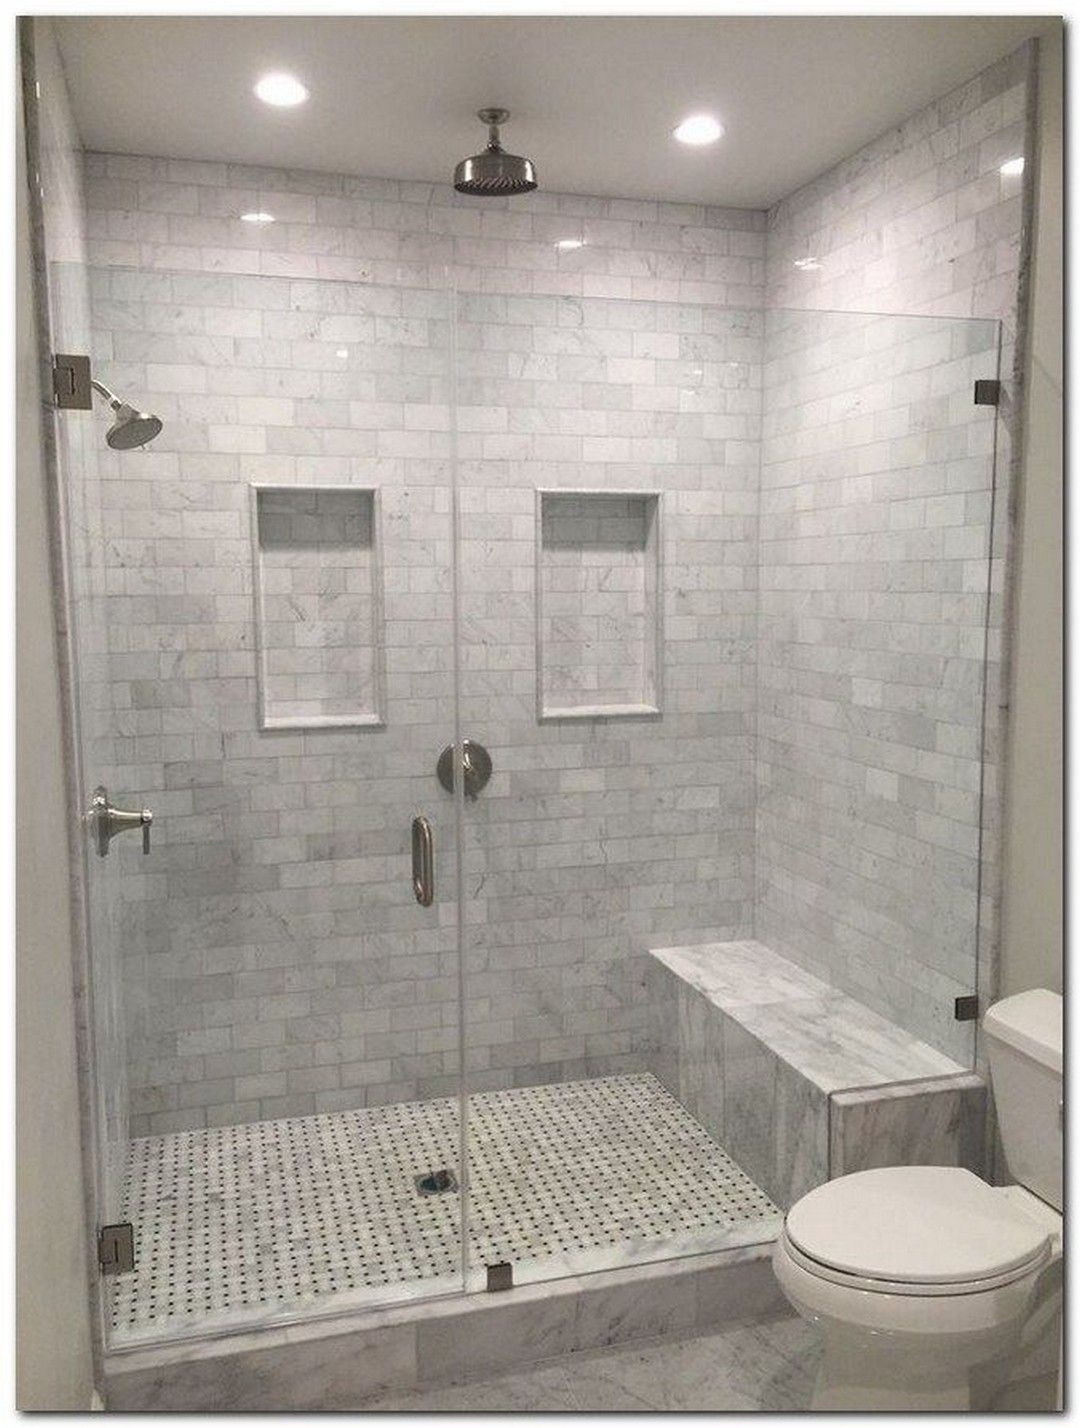 7 Basement Bathroom Ideas With Best Scheme In 2019 Chd Ideas In 2020 Master Bathroom Remodel Shower Bathroom Remodel Shower Basement Bathroom Remodeling